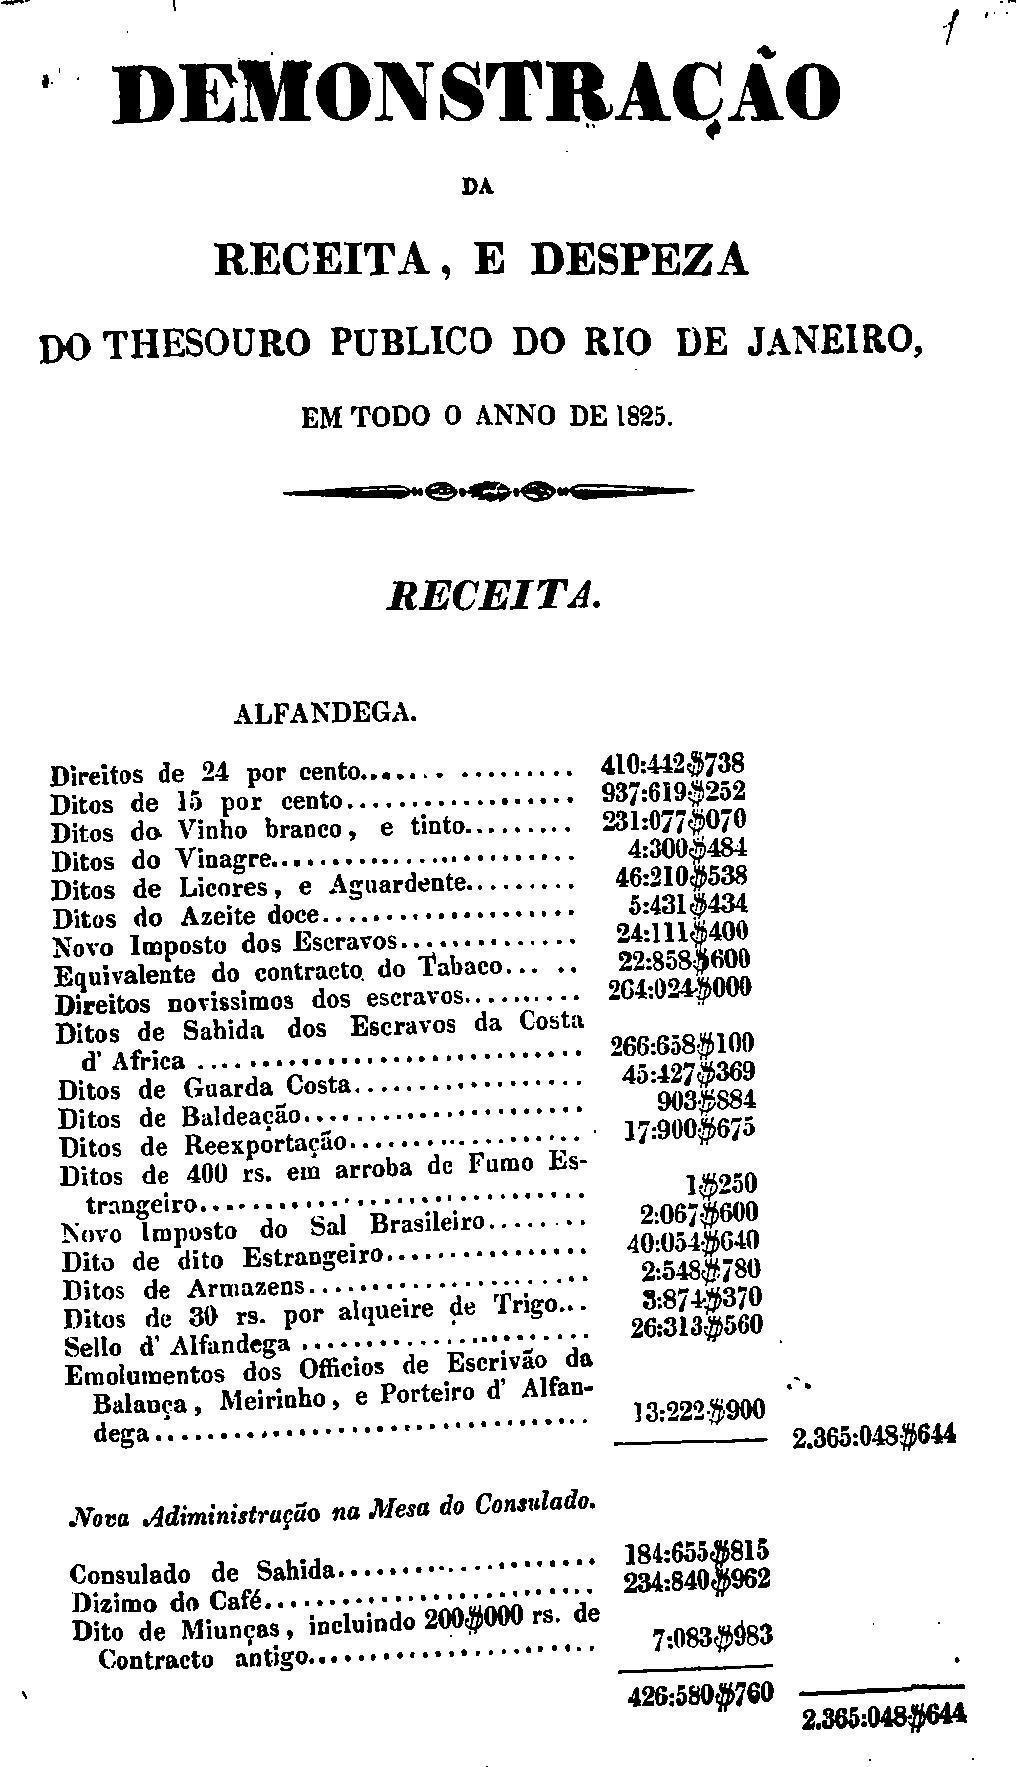 Ministerio da Fazenda - Demonstração da receita e despesa do Thesouro Público do Rio de Janeiro em todo o ano de 1825